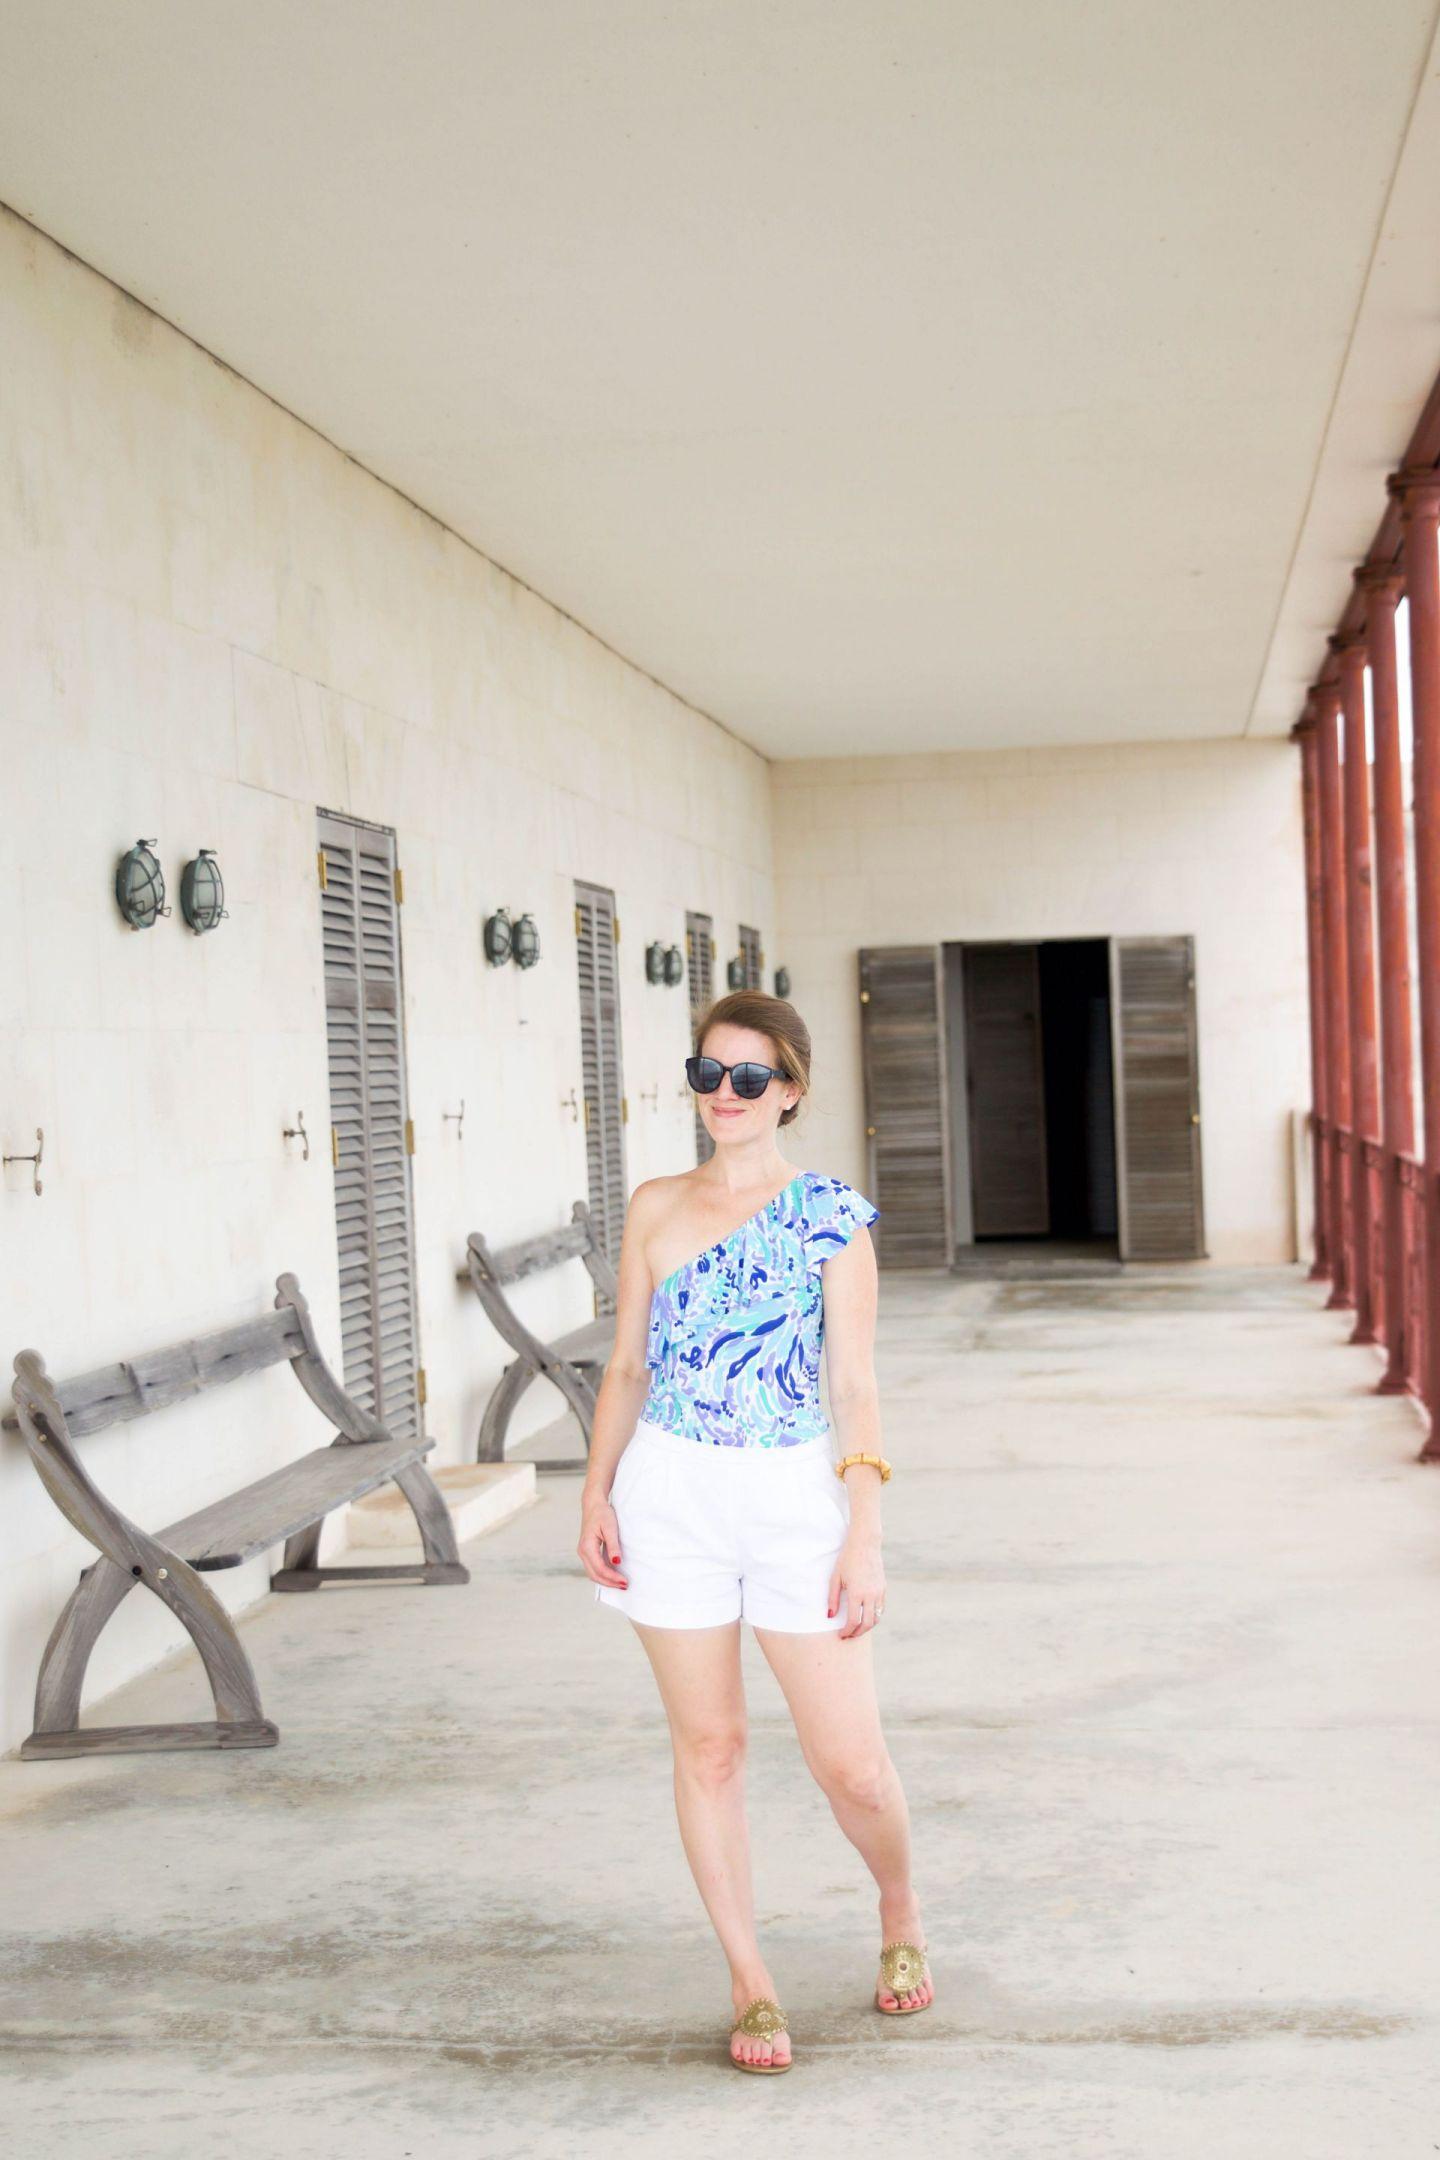 weekend in bermuda - dockyard bermuda - national museum of bermuda